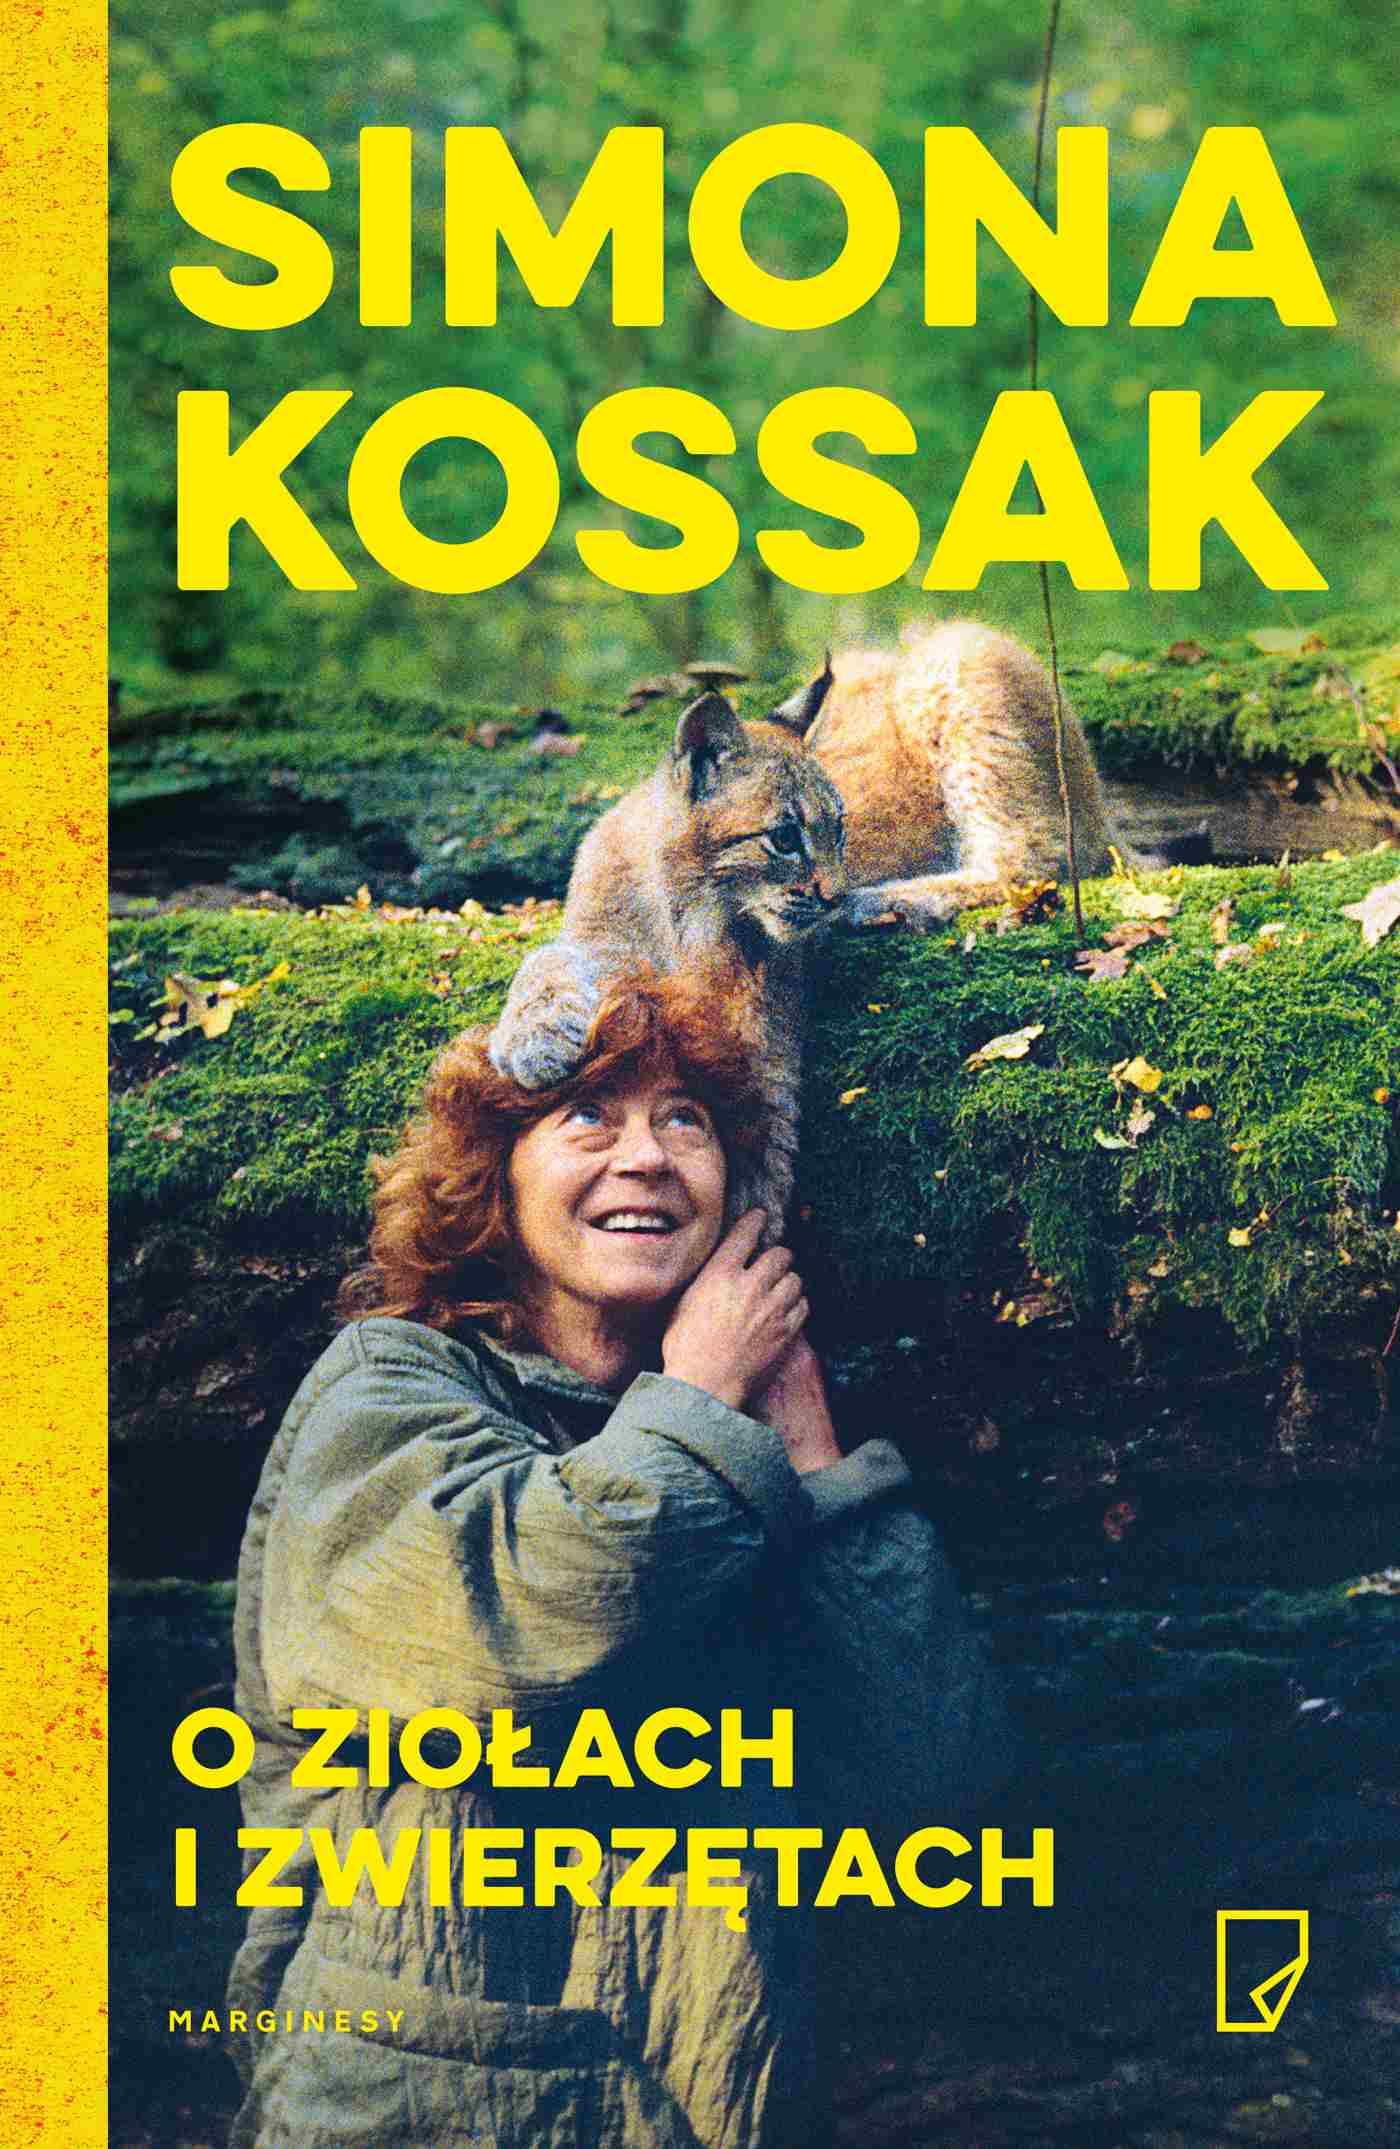 O ziołach i zwierzętach - Ebook (Książka EPUB) do pobrania w formacie EPUB